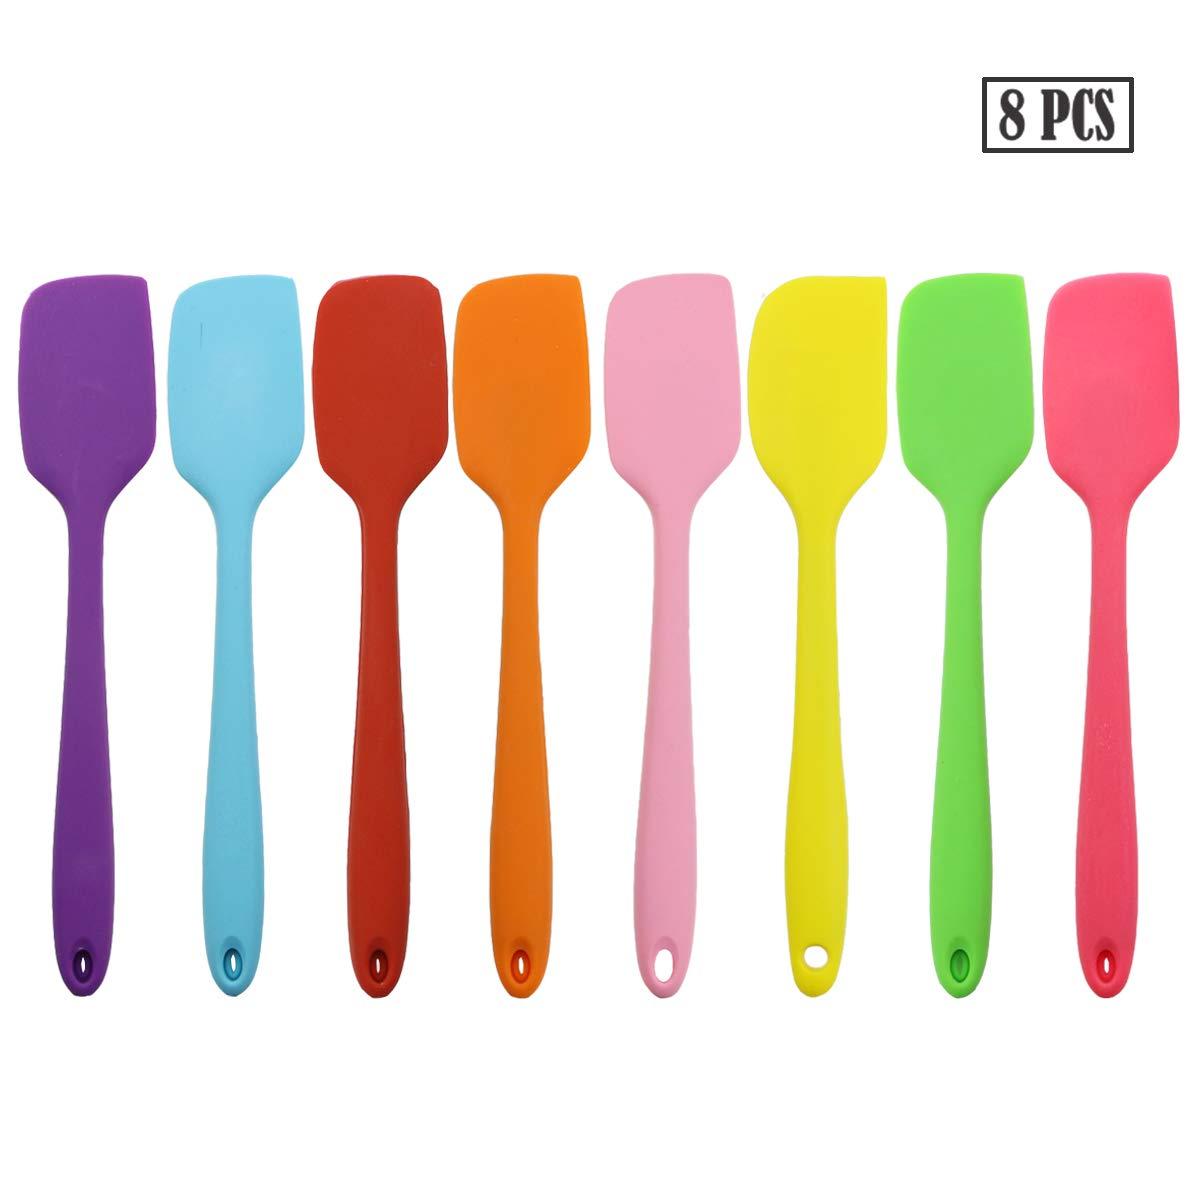 TWDRer 17 x Silikon-Spachtel hitzebeständig antihaftbeschichtet flexibler  Gummi massiv Edelstahl Küche Essential Gadget Premium Schaber Schaber